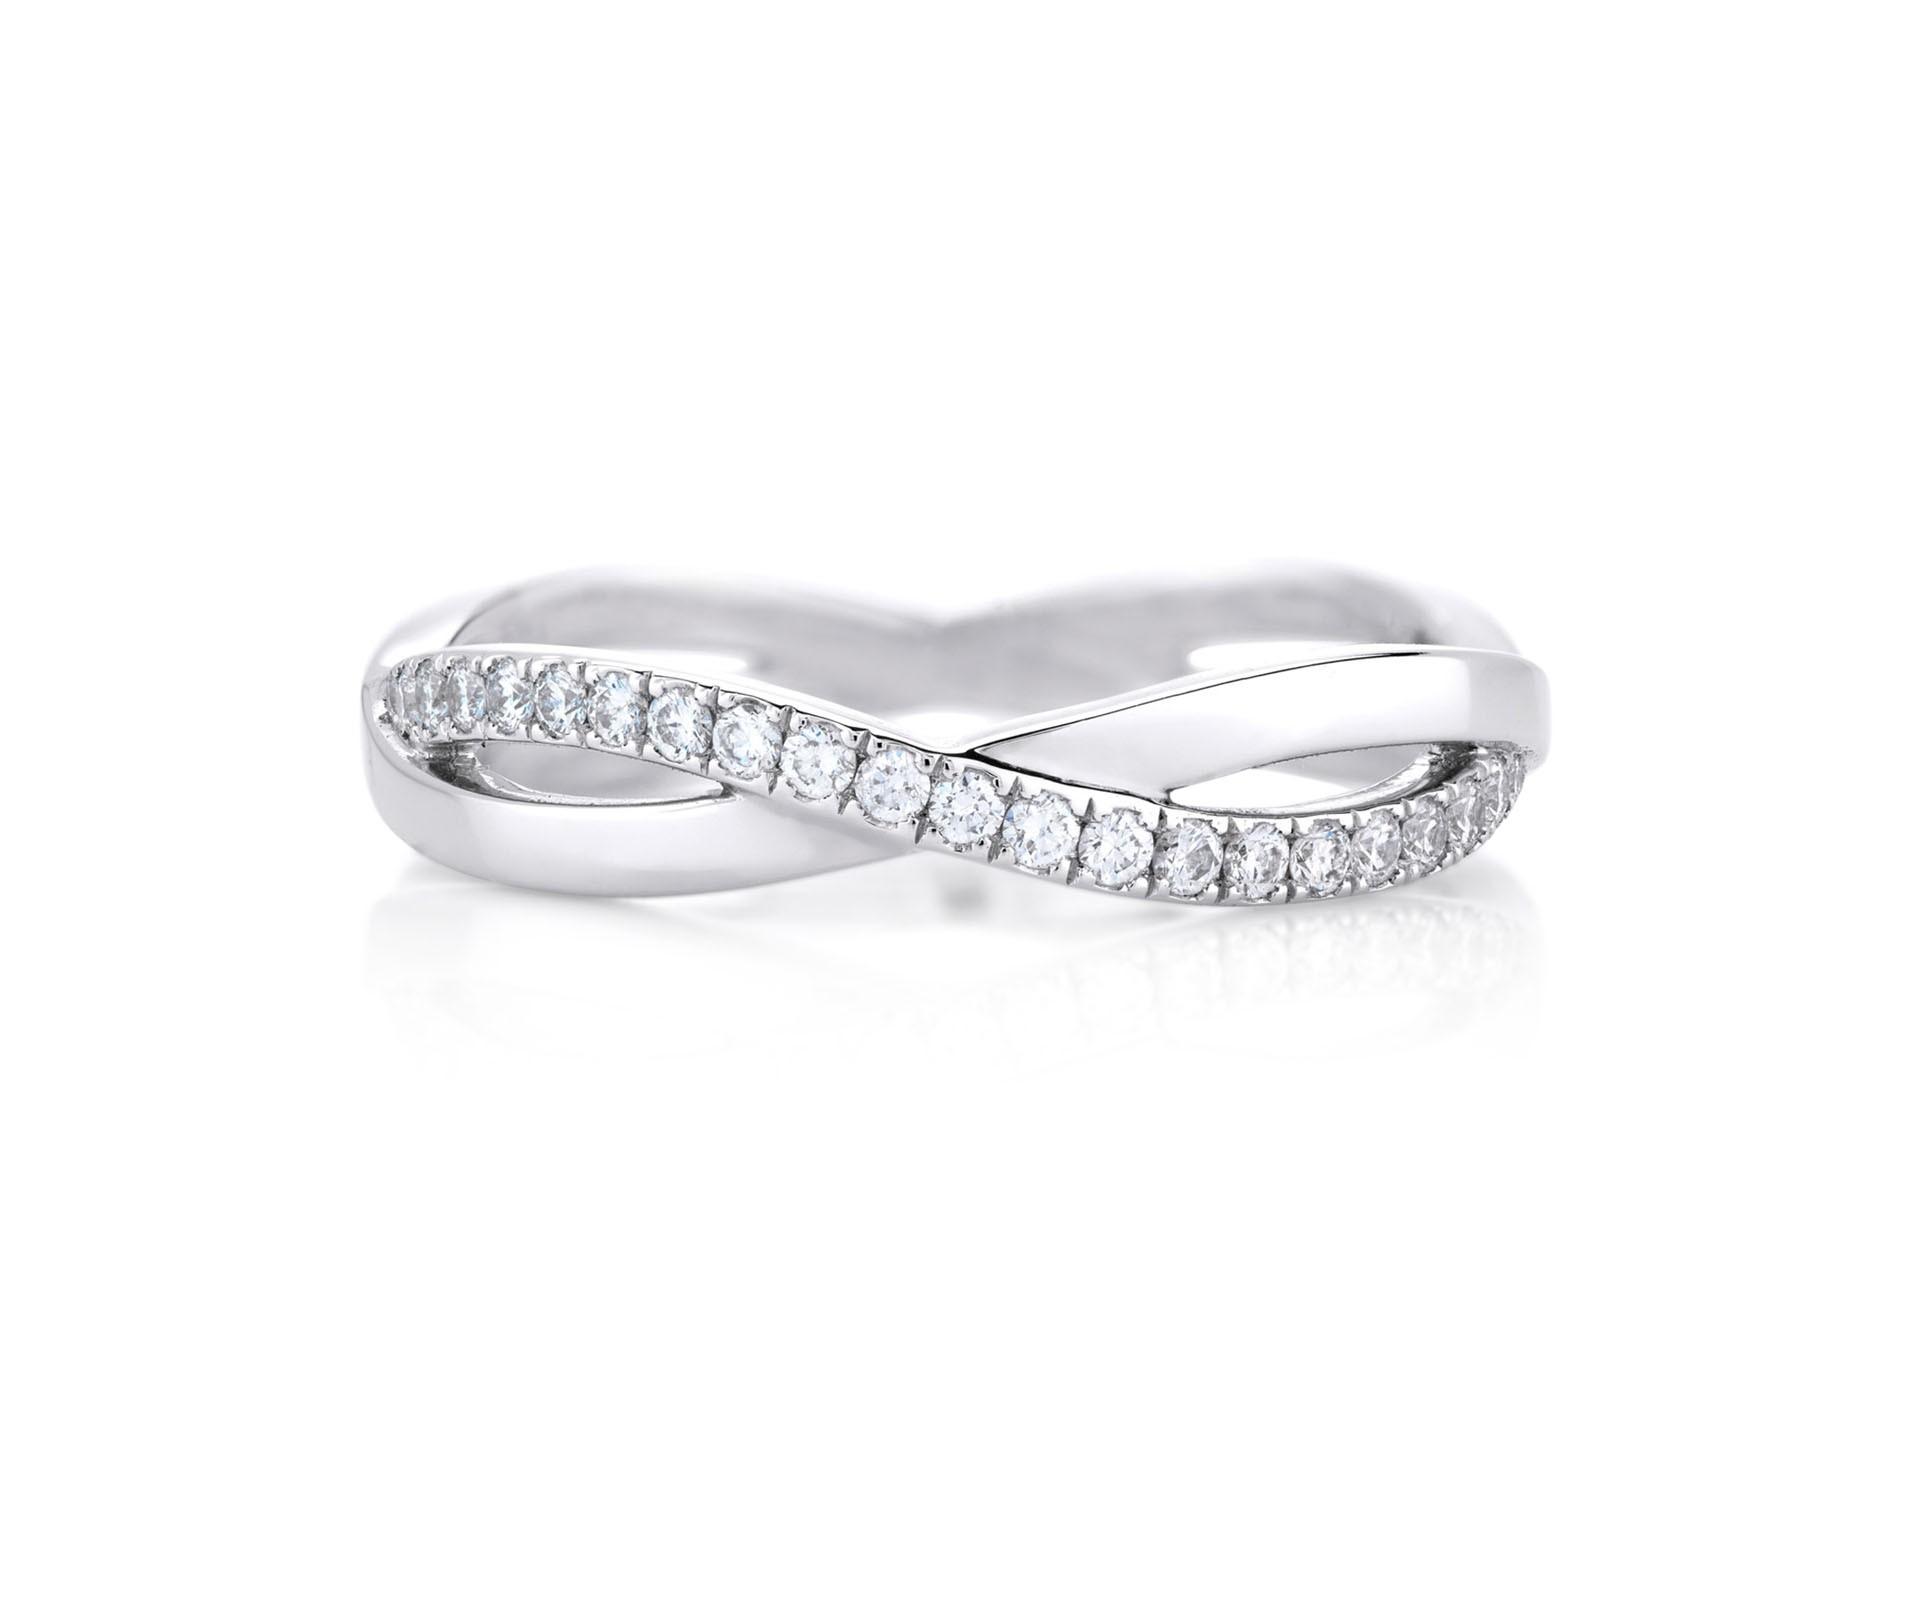 Diamond Wedding Rings & Bands   De Beers Regarding 2018 Simple Infinity Band Rings (View 19 of 25)